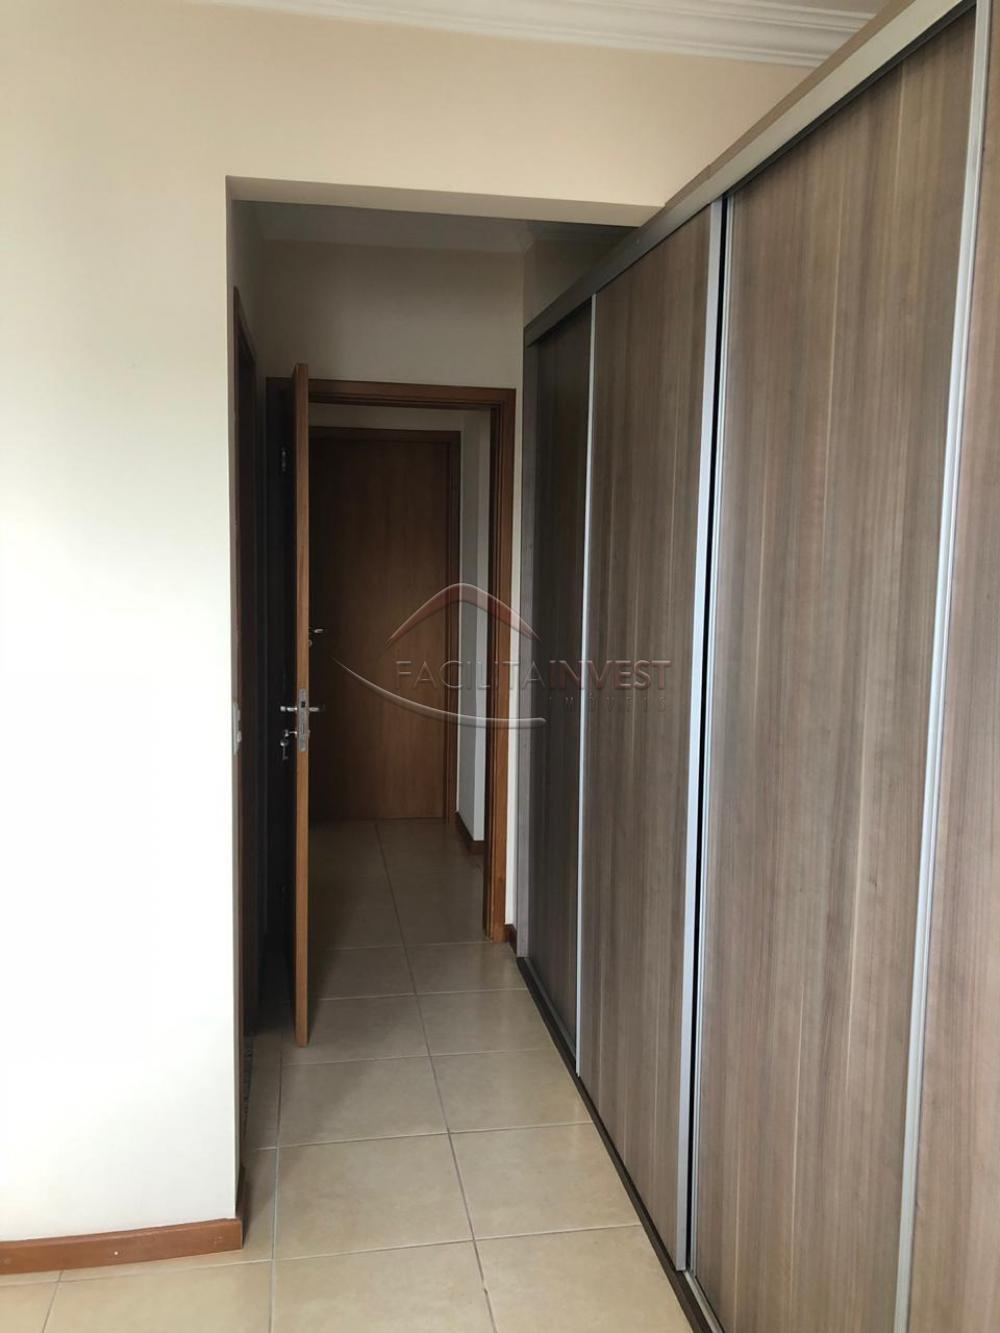 Alugar Apartamentos / Apart. Padrão em Ribeirão Preto apenas R$ 2.200,00 - Foto 19